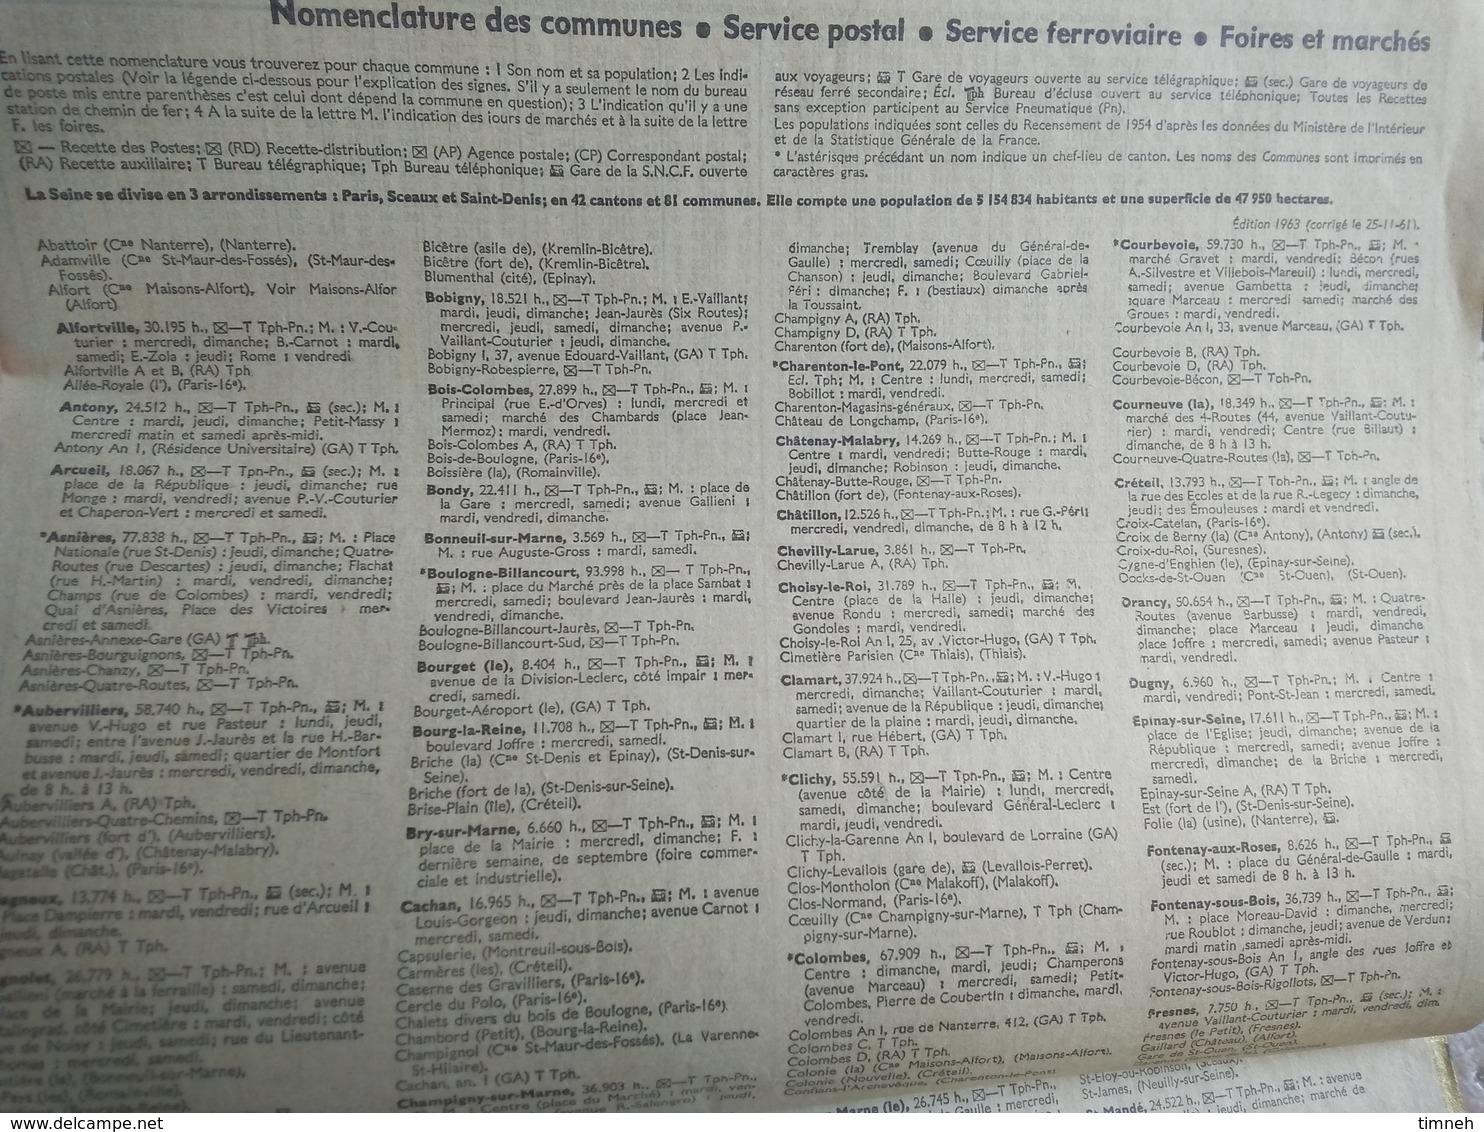 1963 - ALMANACH DES P.T.T OBERTHUR -  75 LA SEINE - 1963 - VIOLON D' INGRES - ARTISTE PEINTRE - Calendriers